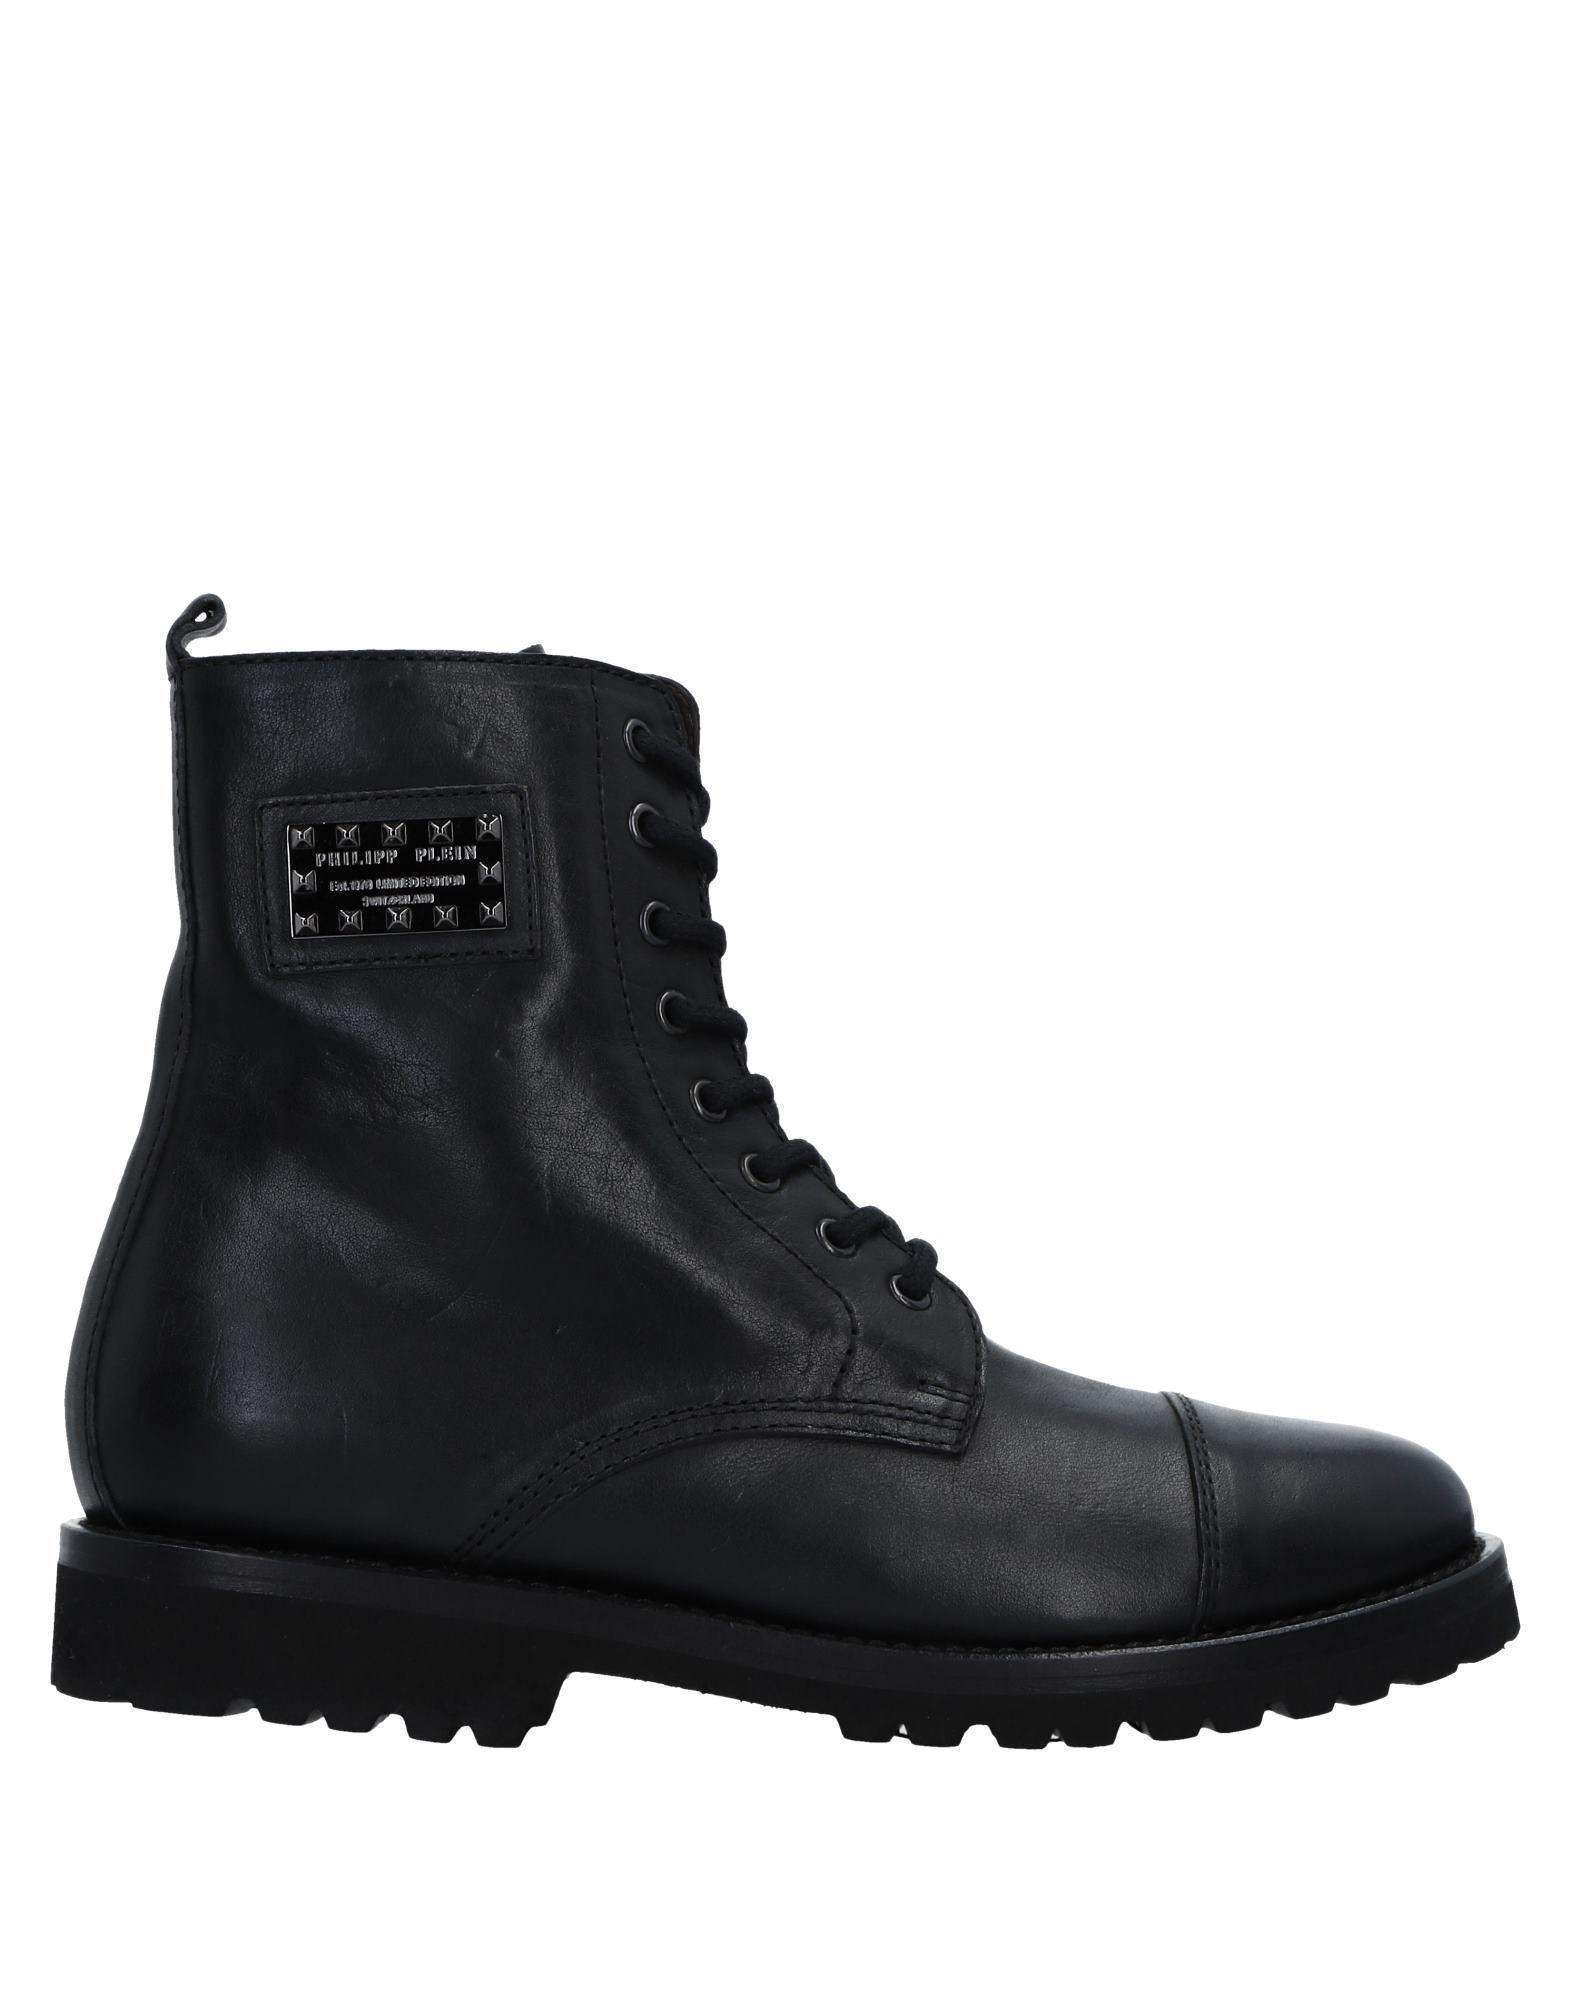 Philipp Plein Stiefelette Herren  11544079DQ Gute Qualität beliebte Schuhe